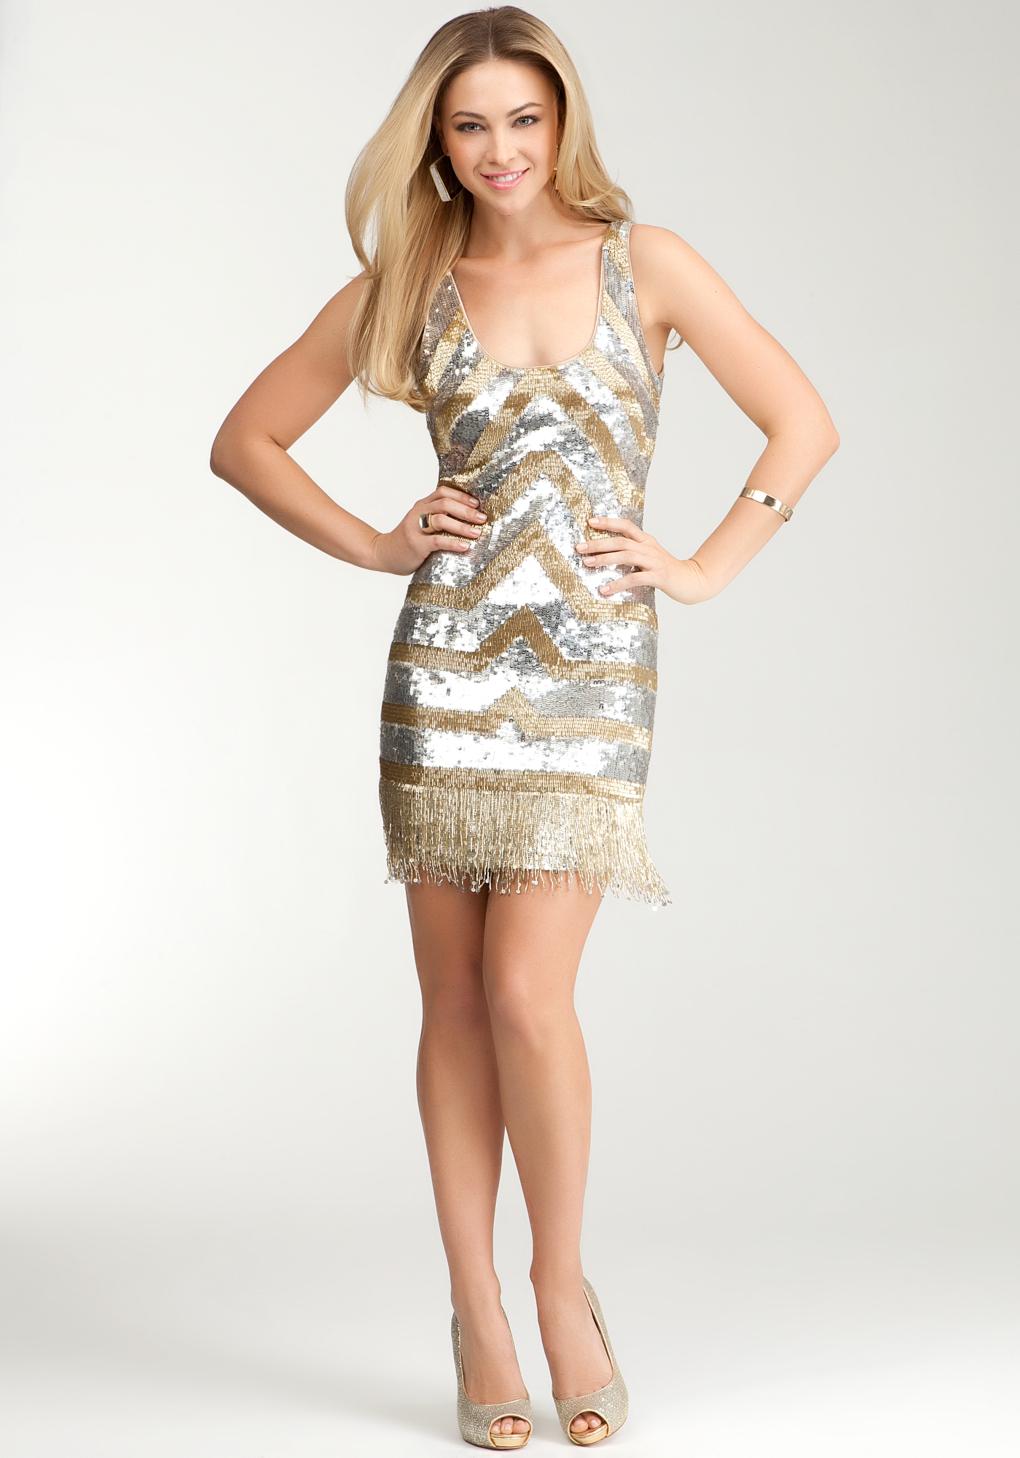 Bebe Sequin Bead Tank Dress in Metallic - Lyst